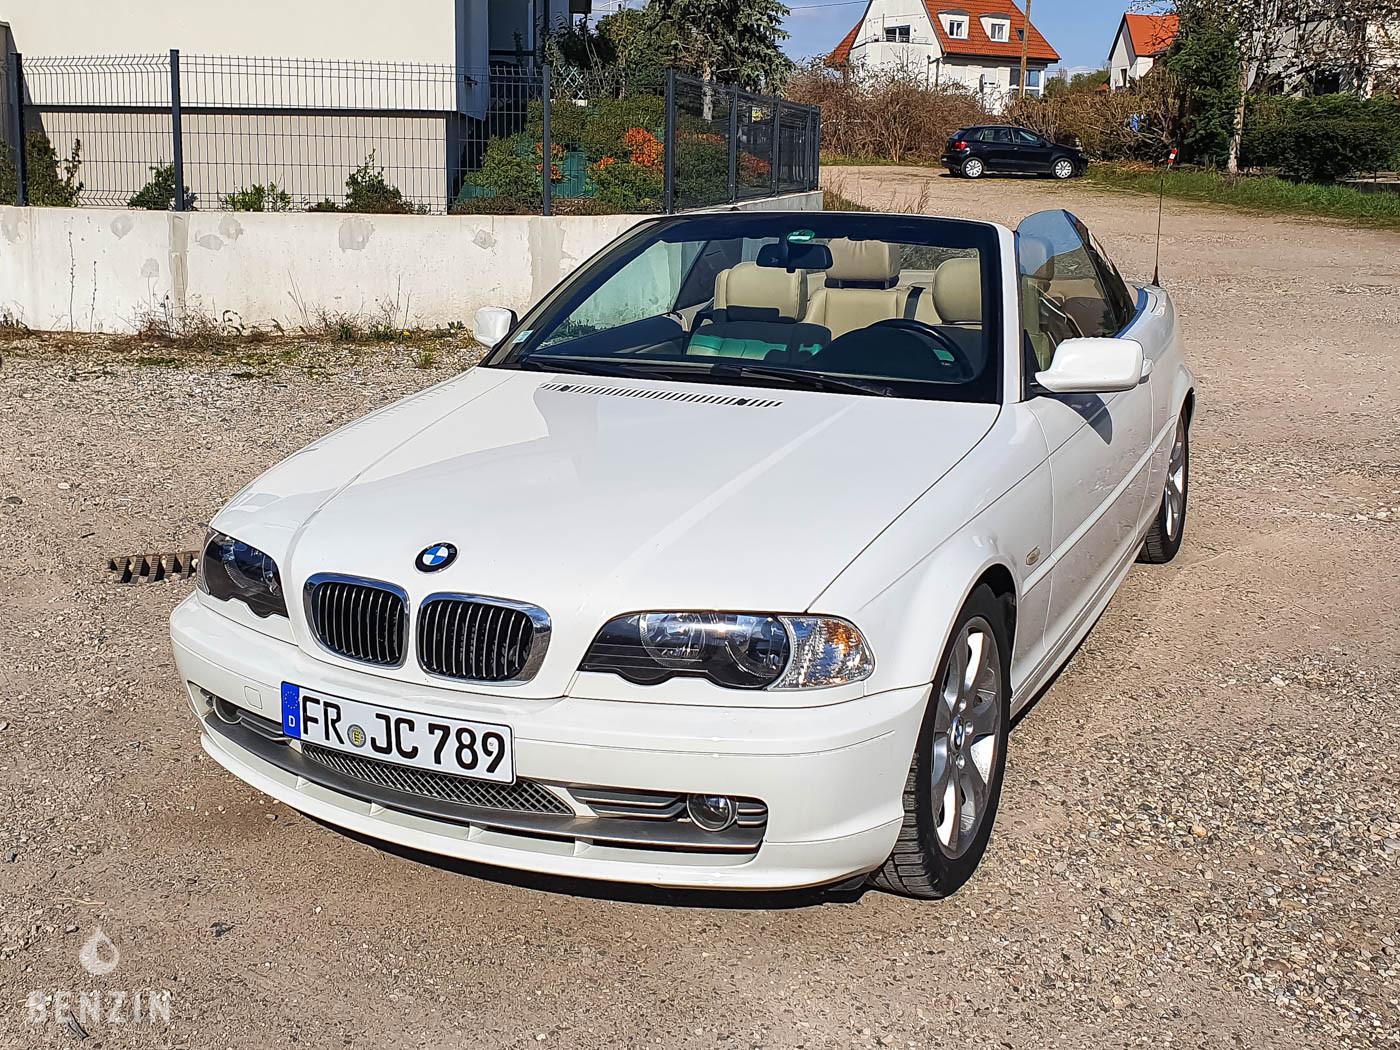 BMW 330 CI E46 CABRIOLET 2003 EN VENTE FOR SALE EN VENDITA TE KOOP SU VERKAUFEN